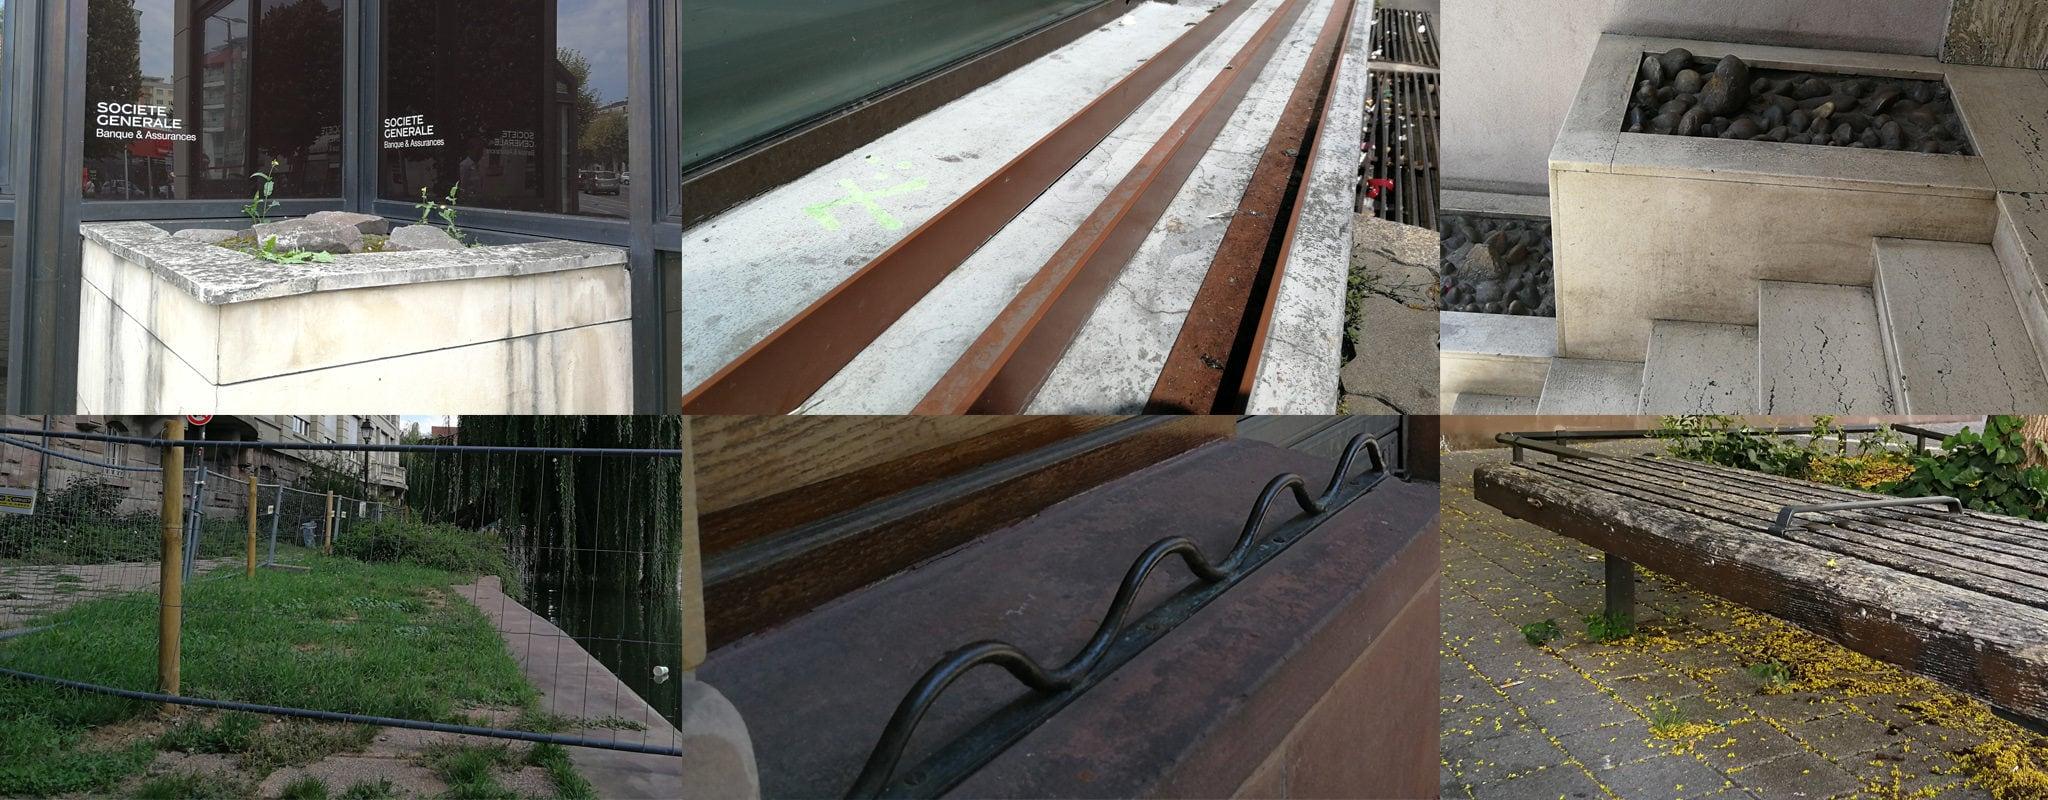 Galets, grilles, bancs anti-sieste… La carte du mobilier répulsif à Strasbourg